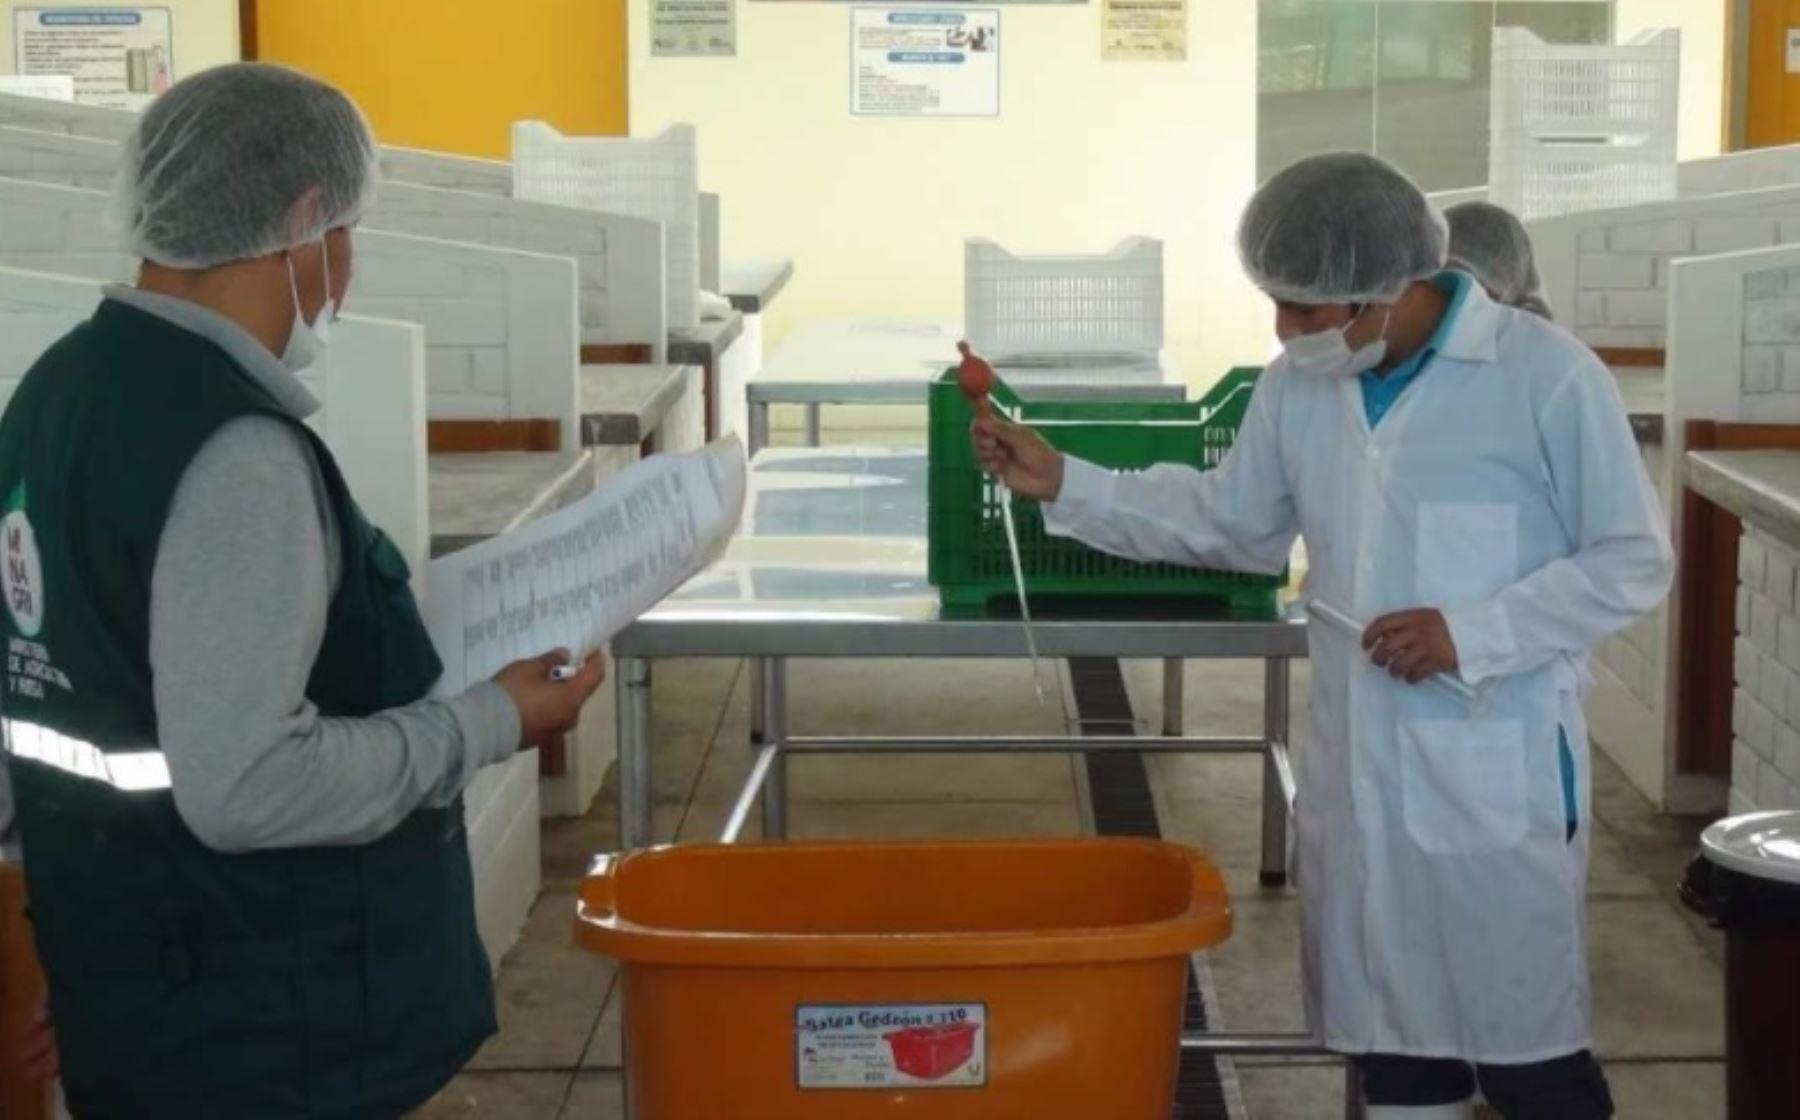 """La Asociación de Productores Agroecológicos """"Ayllu Kushisha"""" inauguró la primera planta de procesamiento primario de hortalizas en el distrito de Pucará, provincia de Huancayo, región Junín, la cual obtuvo la autorización del Servicio Nacional de Sanidad Agraria (Senasa)."""